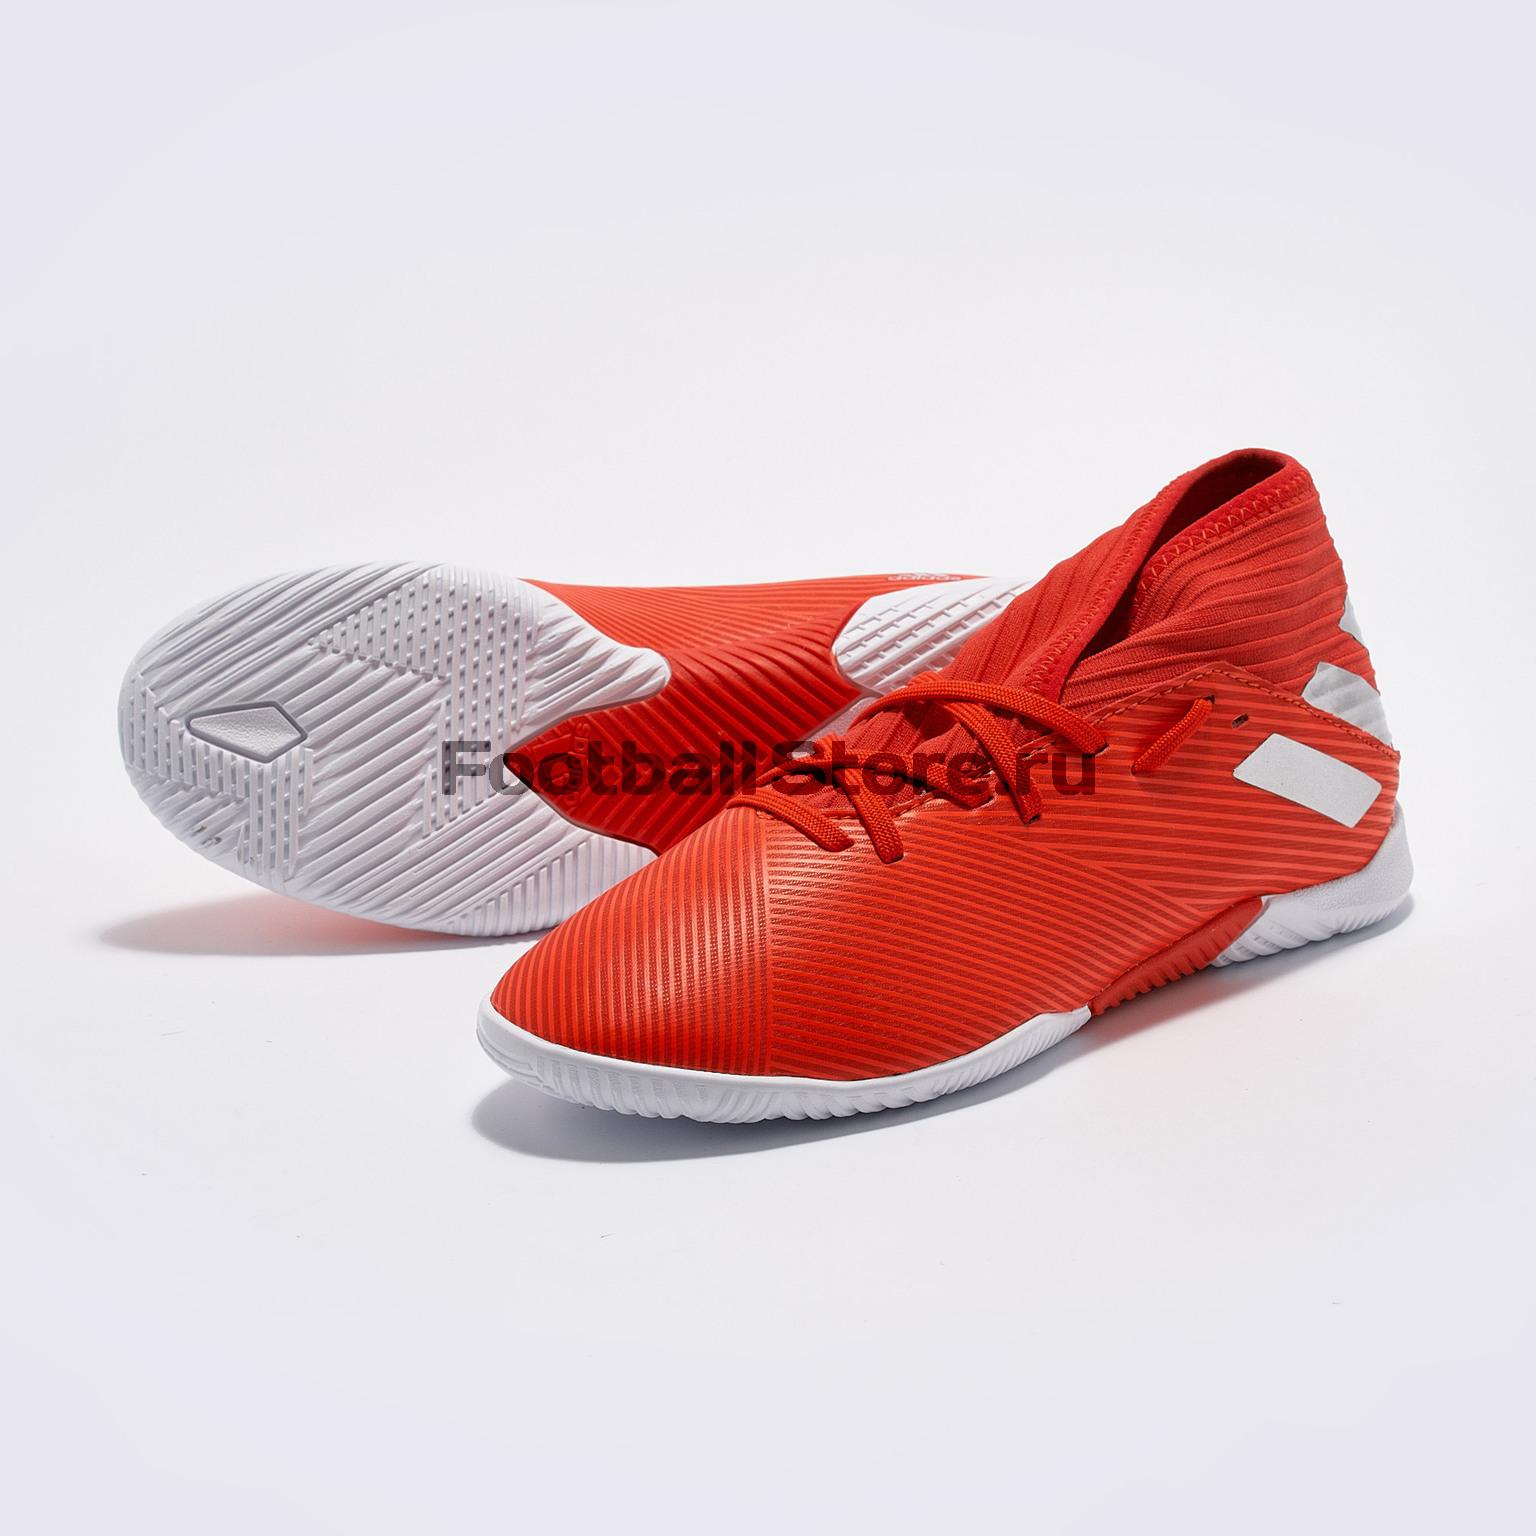 цена на Футзалки детские Adidas Nemeziz 19.3 IN F99945